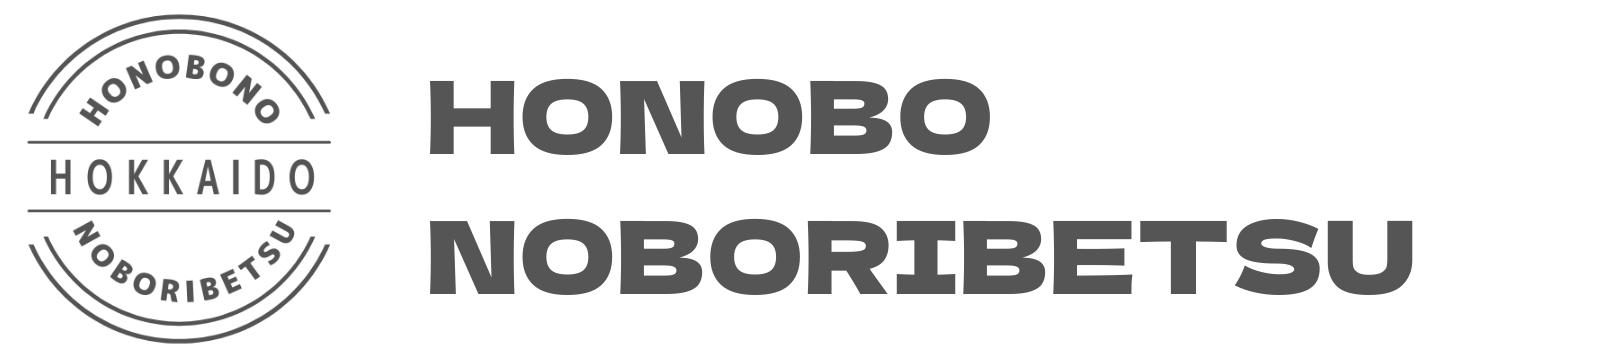 HONOBO NOBORIBETSU